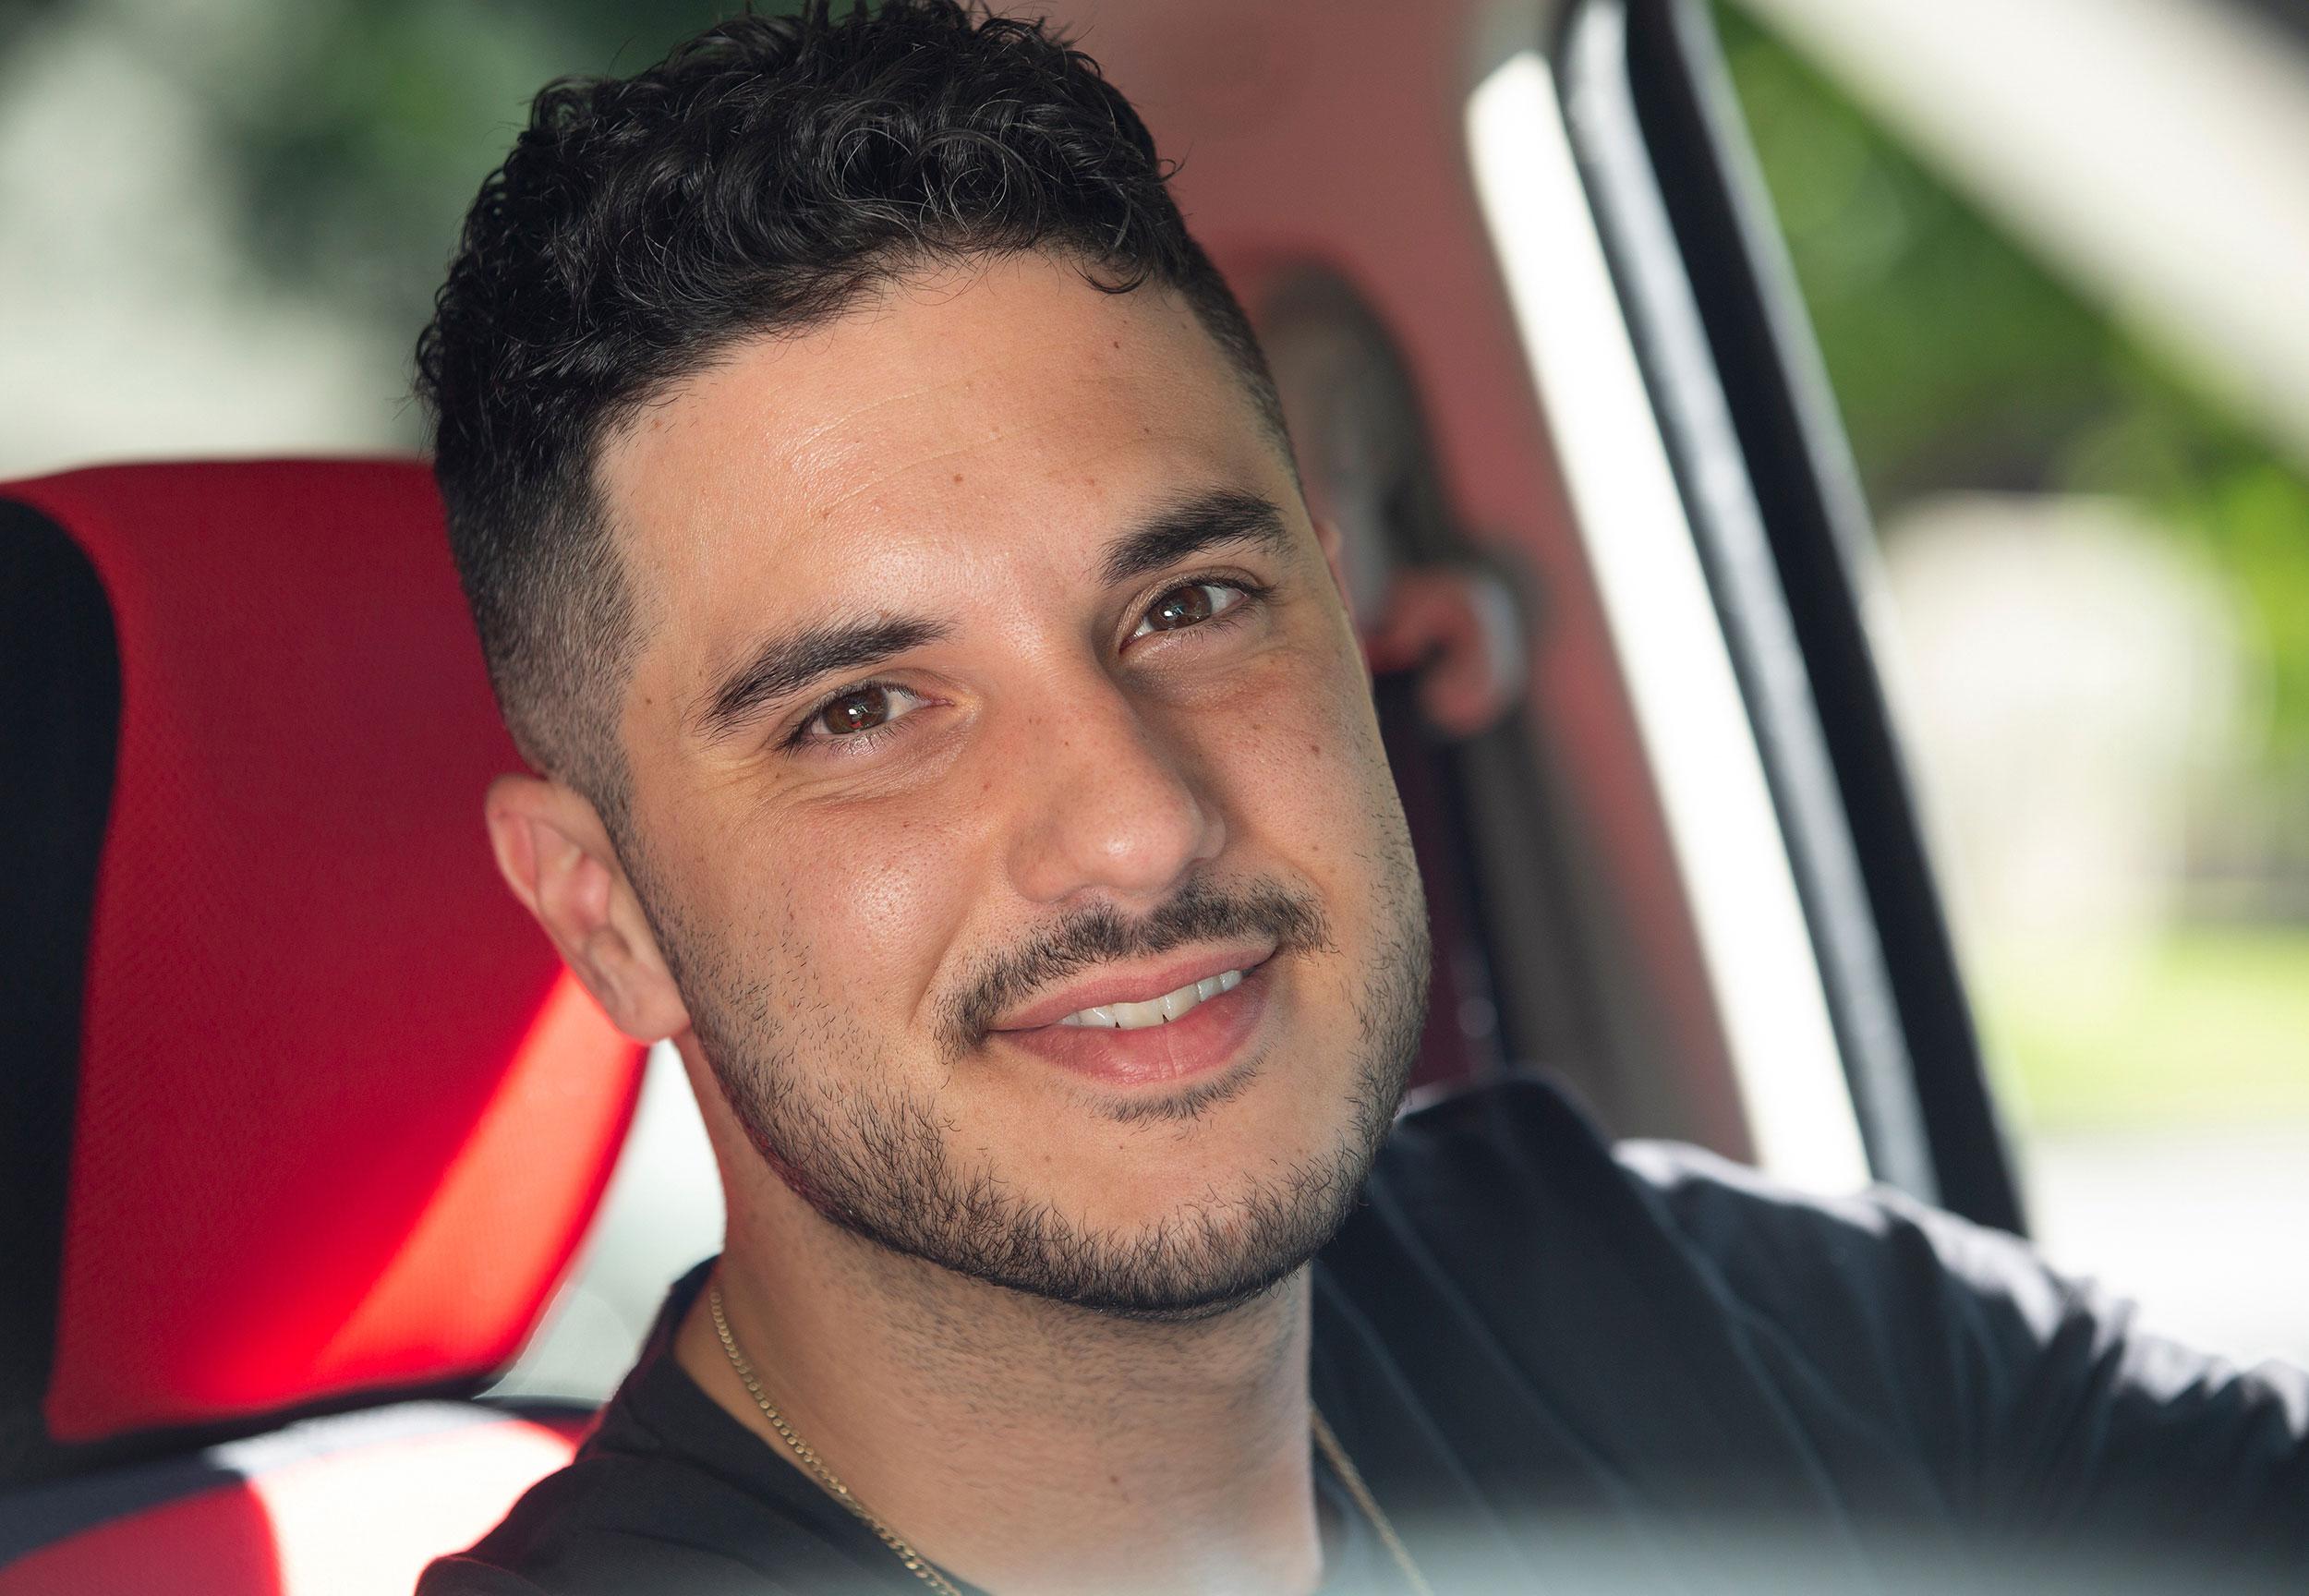 Julian Souza